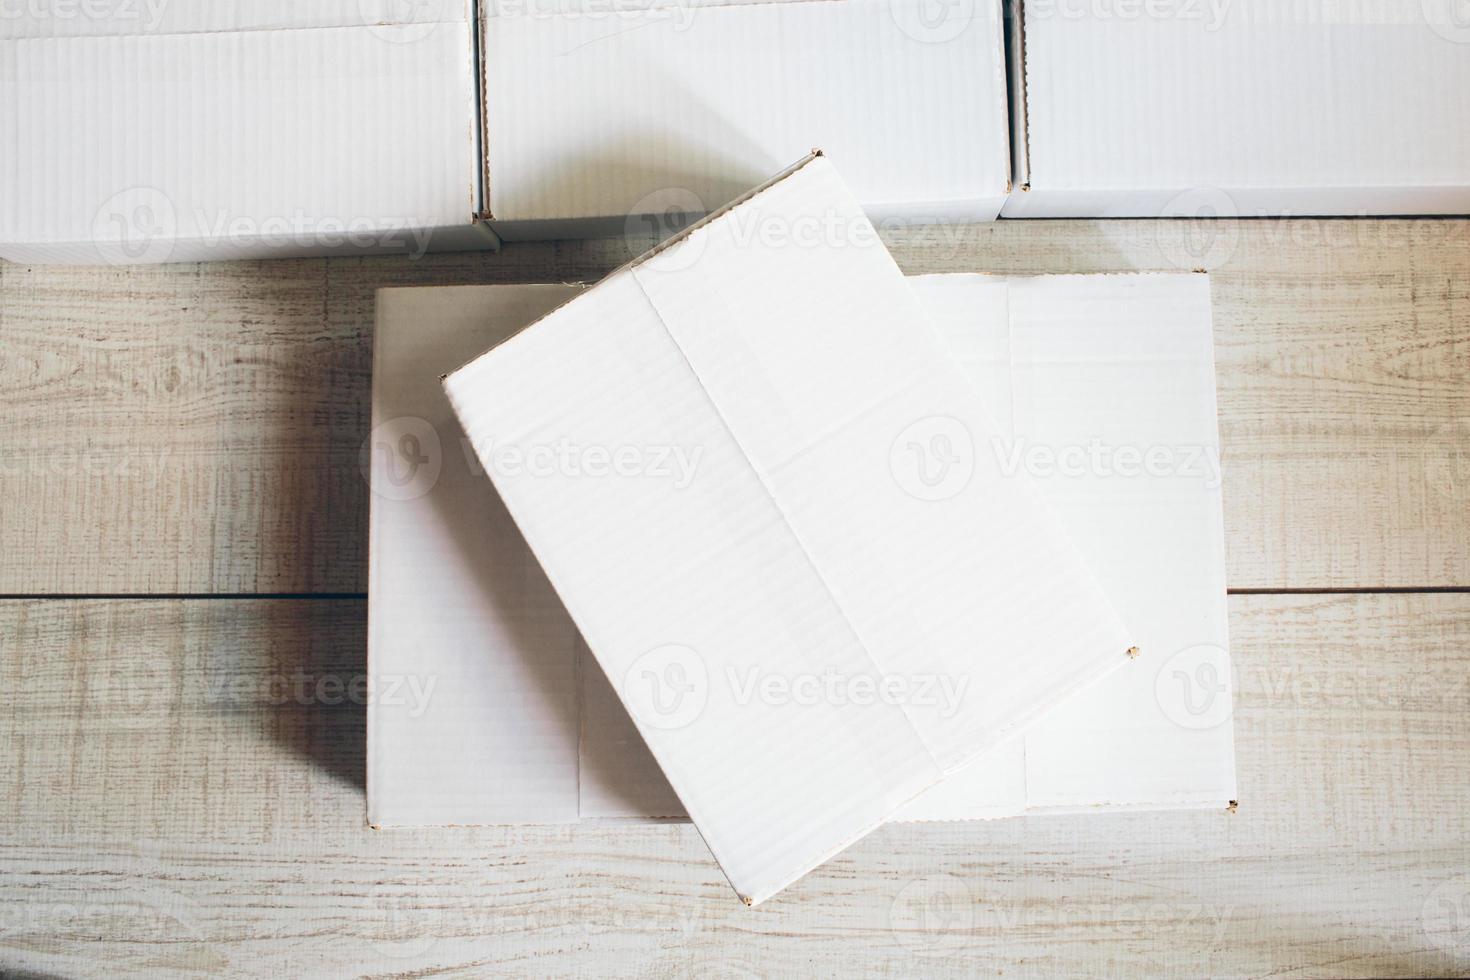 paquet sur la table photo